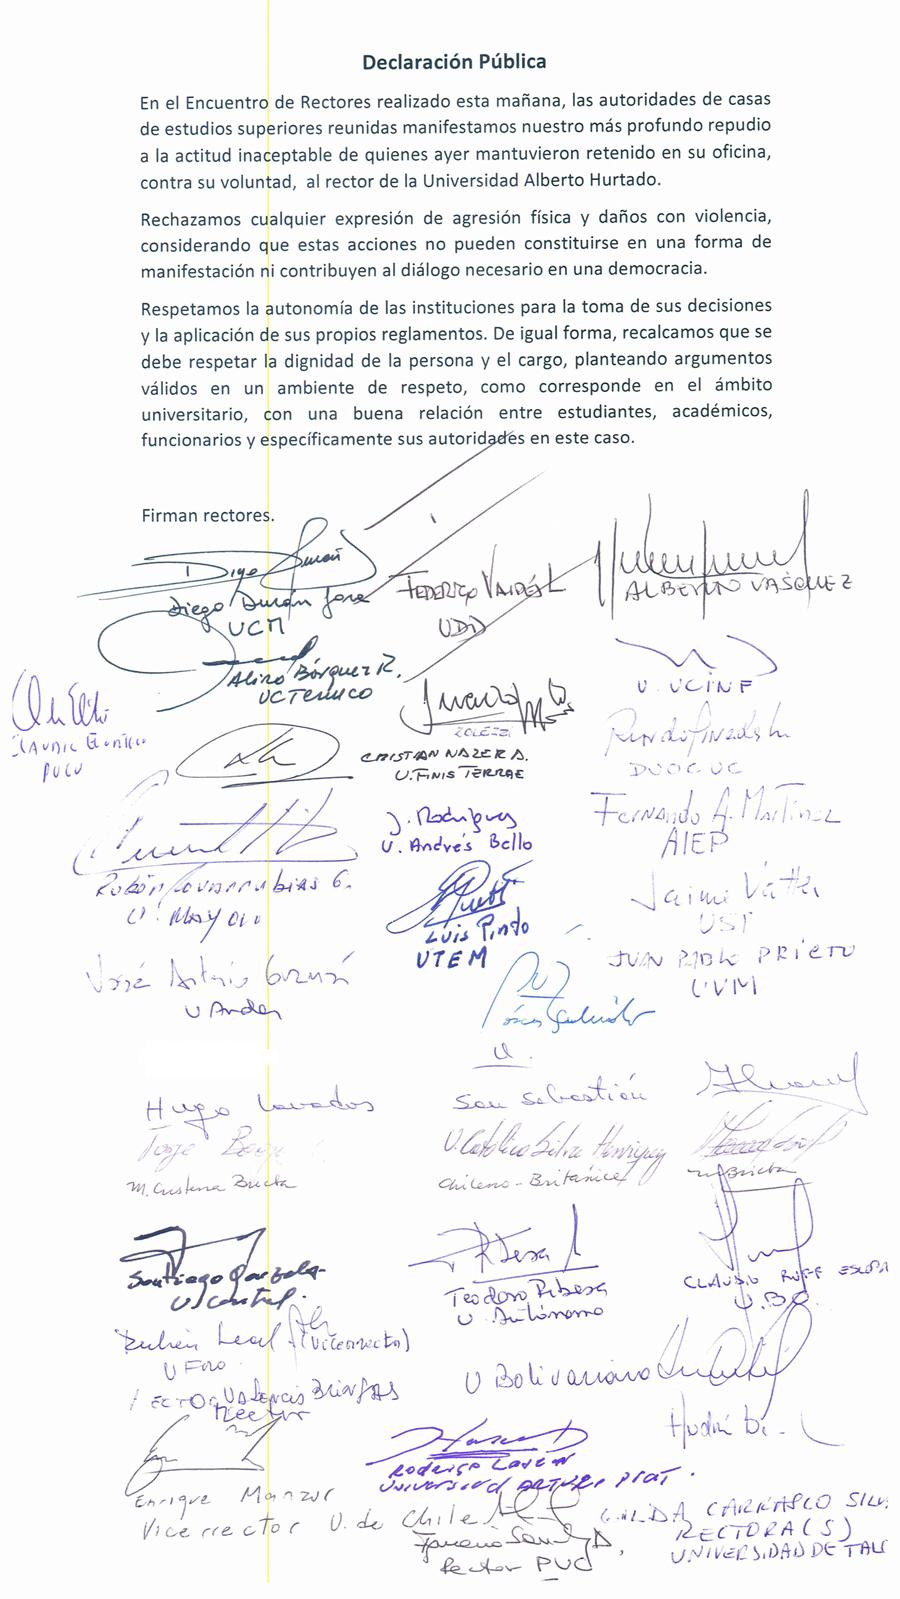 Declaración de rectores repudiando retención del rector de la UAH